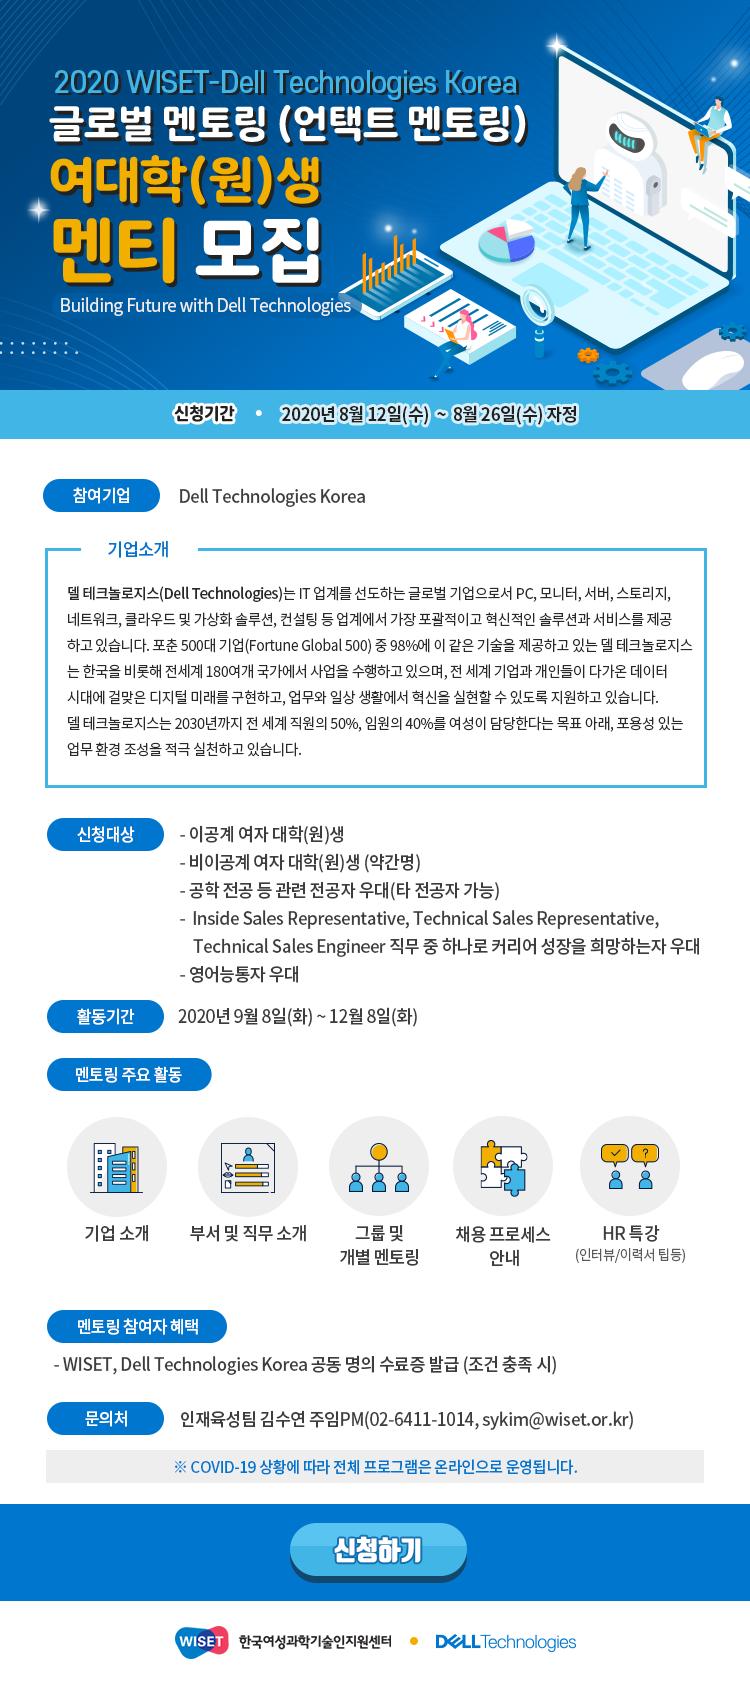 [붙임2]20WISET-Dell20Technologies20Korea20글로벌20멘토링20초청장.png